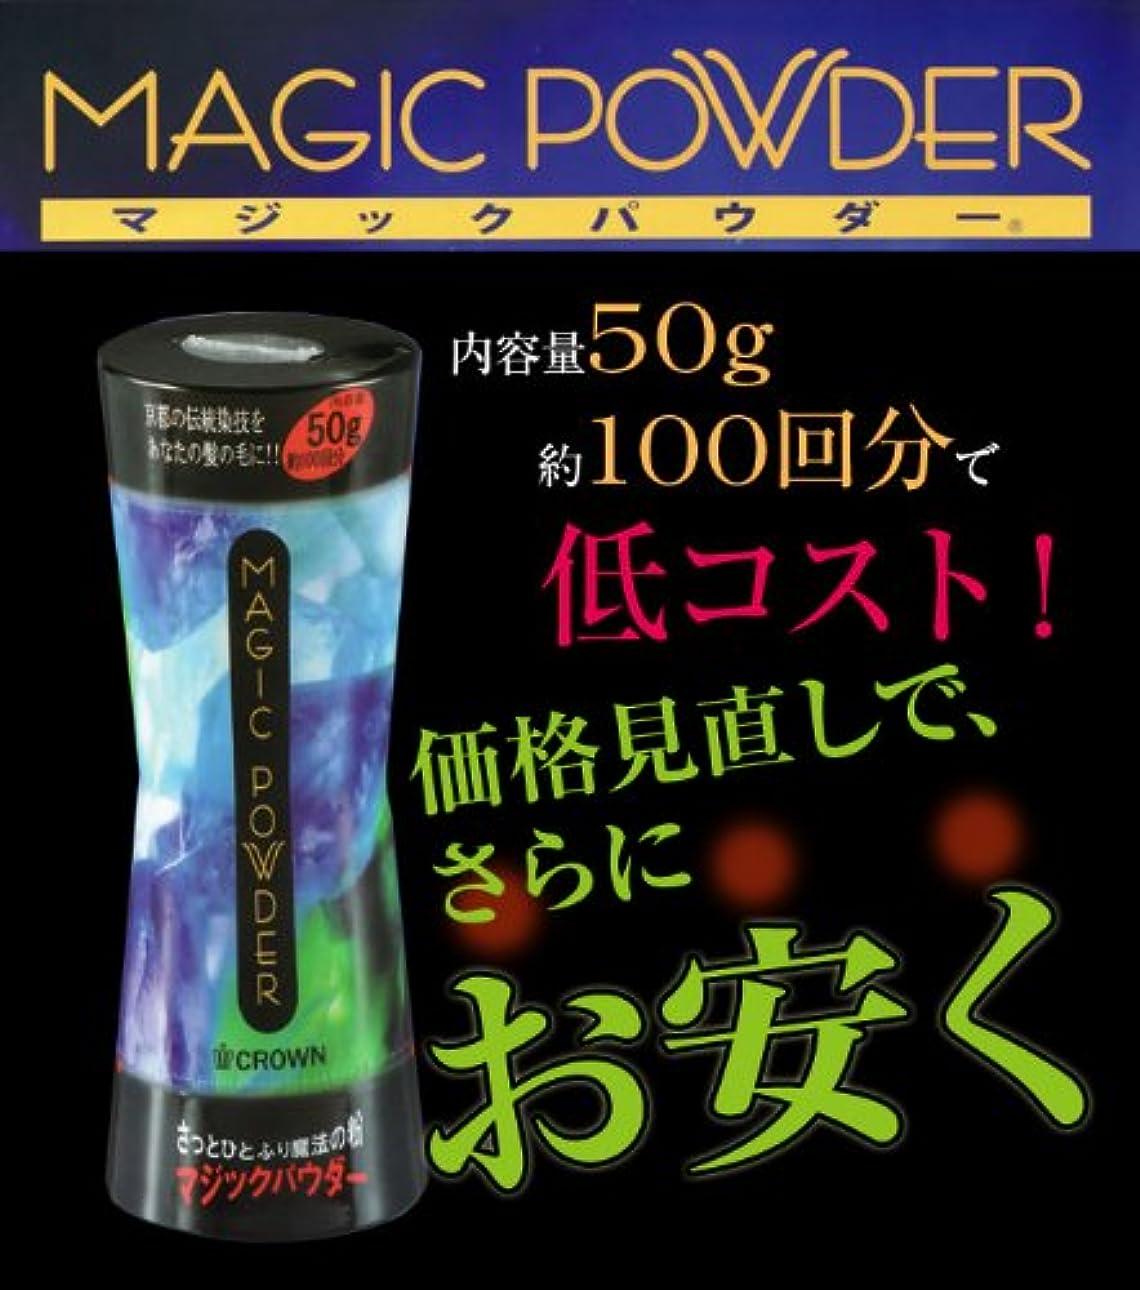 ホイストランドマークペインマジックパウダー 50g 【ライトブラウン】【約100回分】【男女兼用】【MAGIC POWDER】薄毛隠し